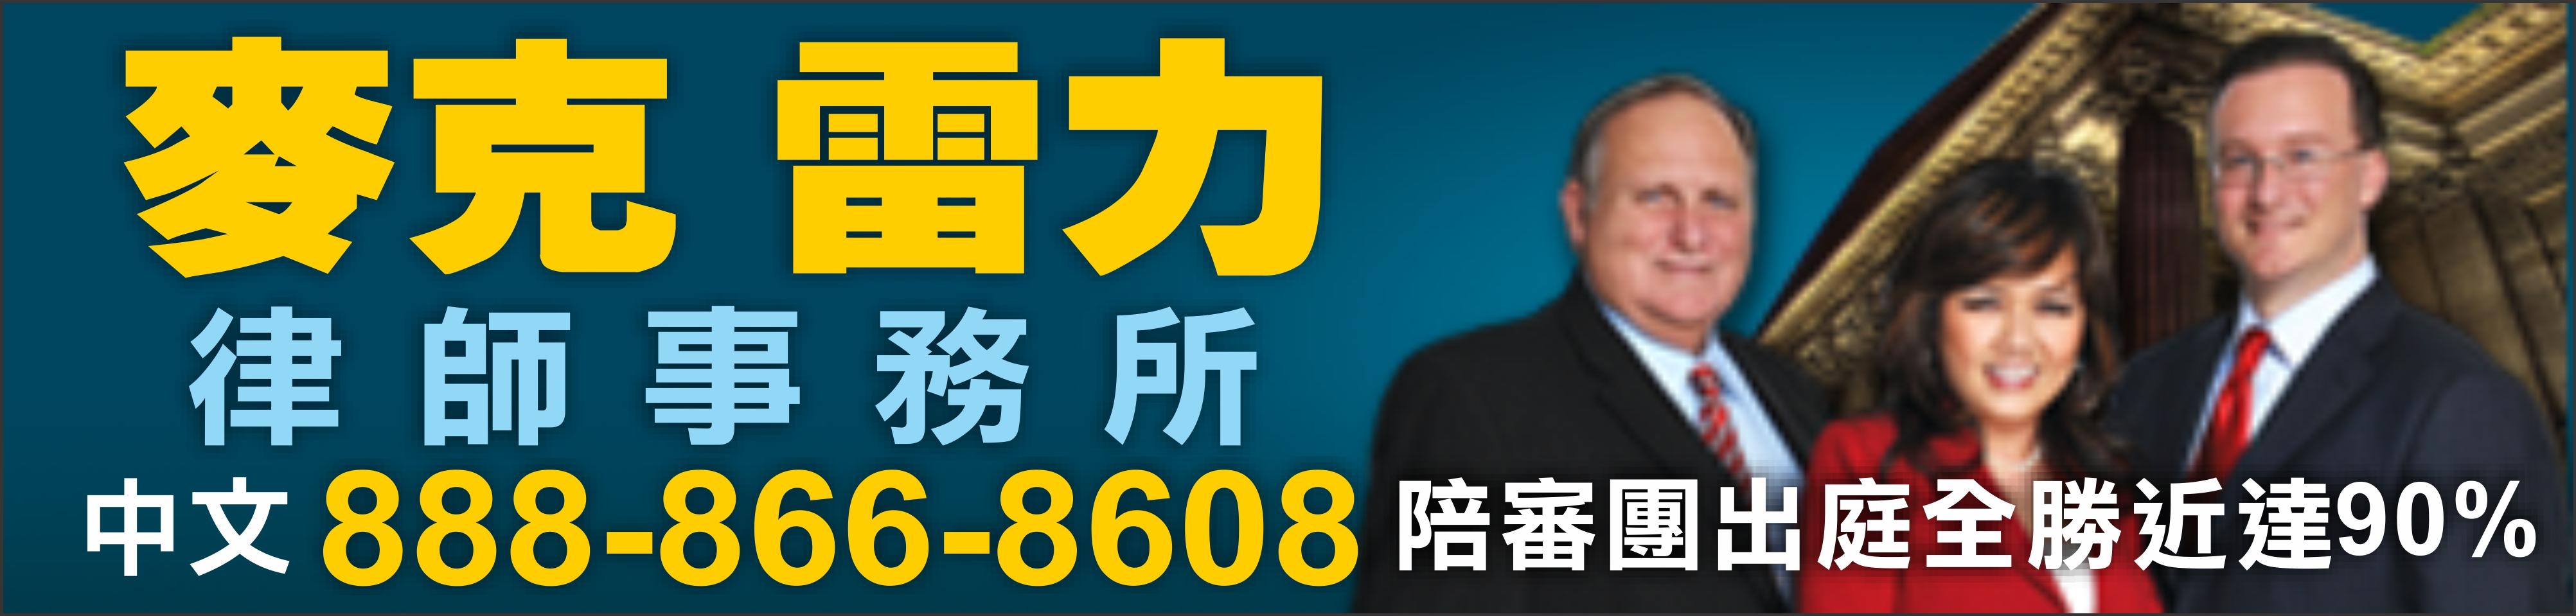 華人商家_麥克雷力律師事務所